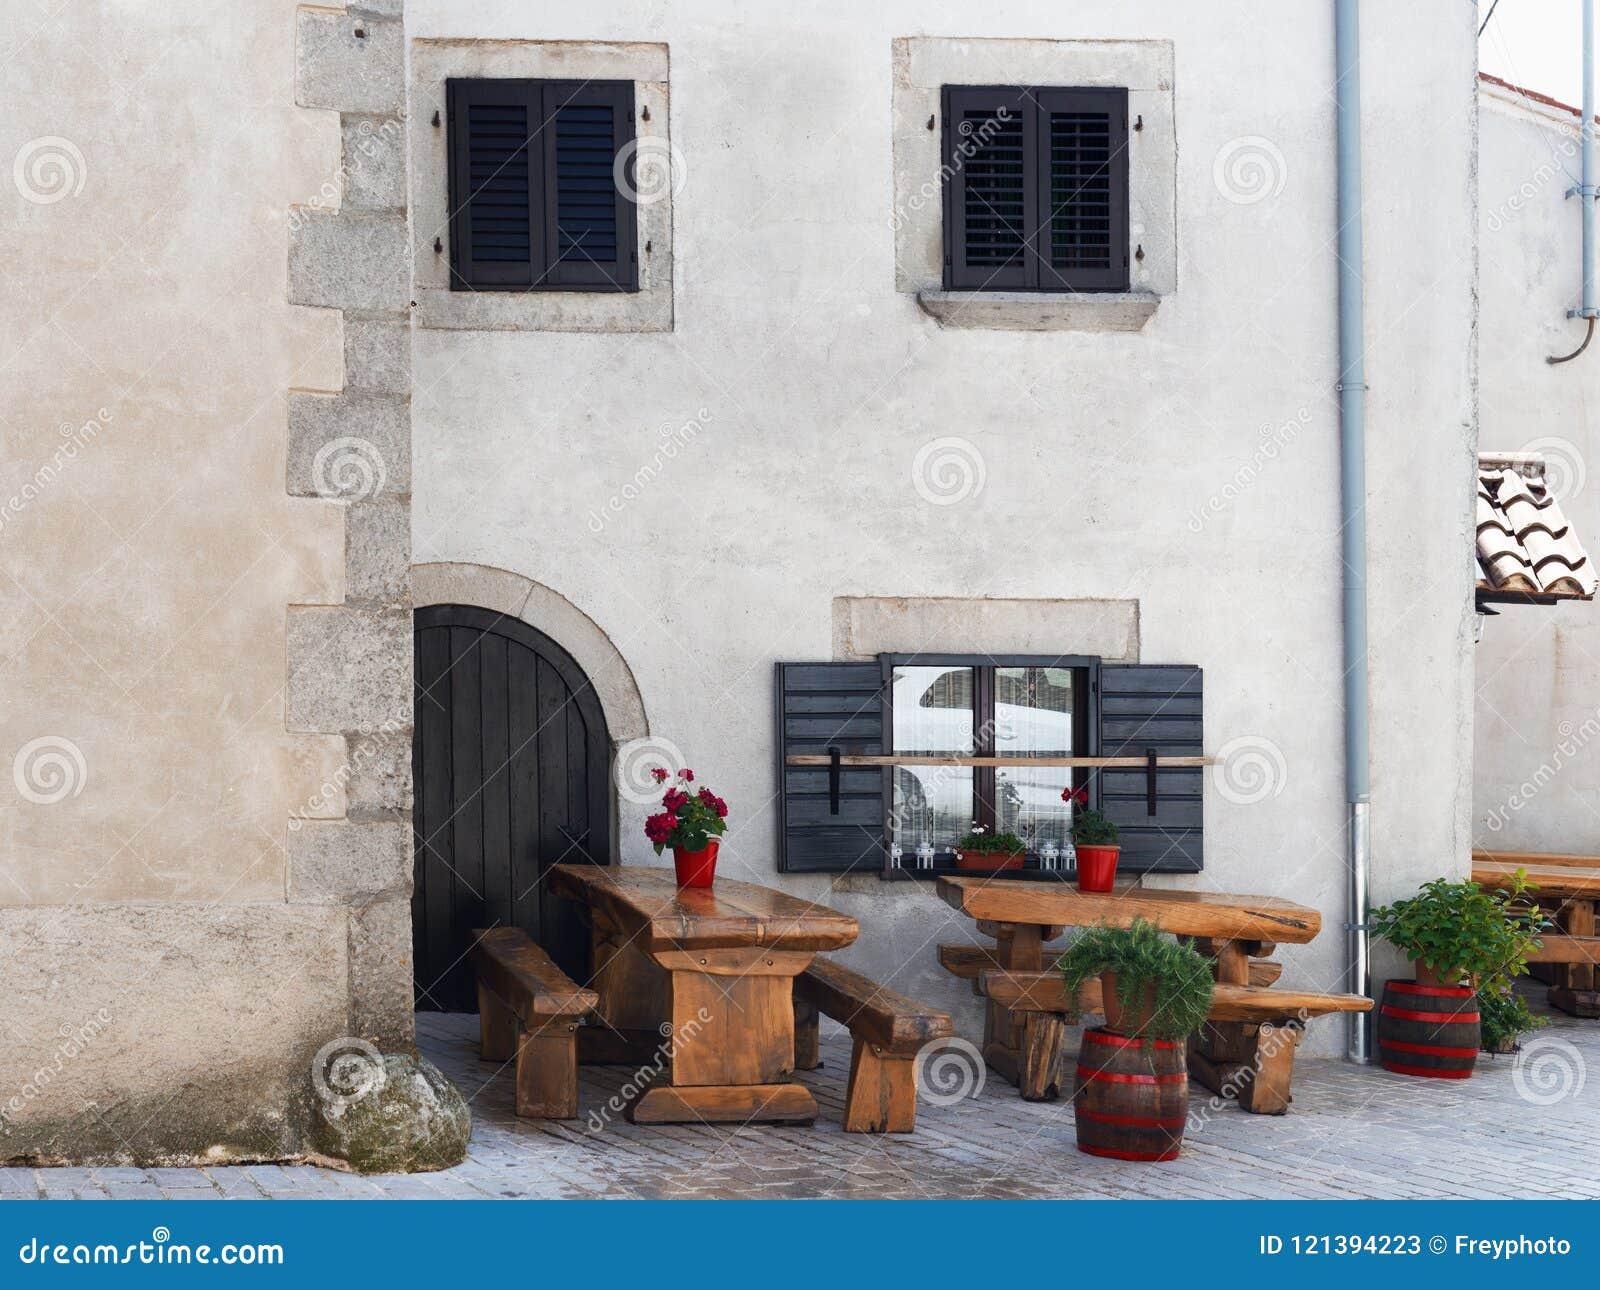 Superb Small Intimate Restaurant In A Mediterranean Style Stock Inzonedesignstudio Interior Chair Design Inzonedesignstudiocom